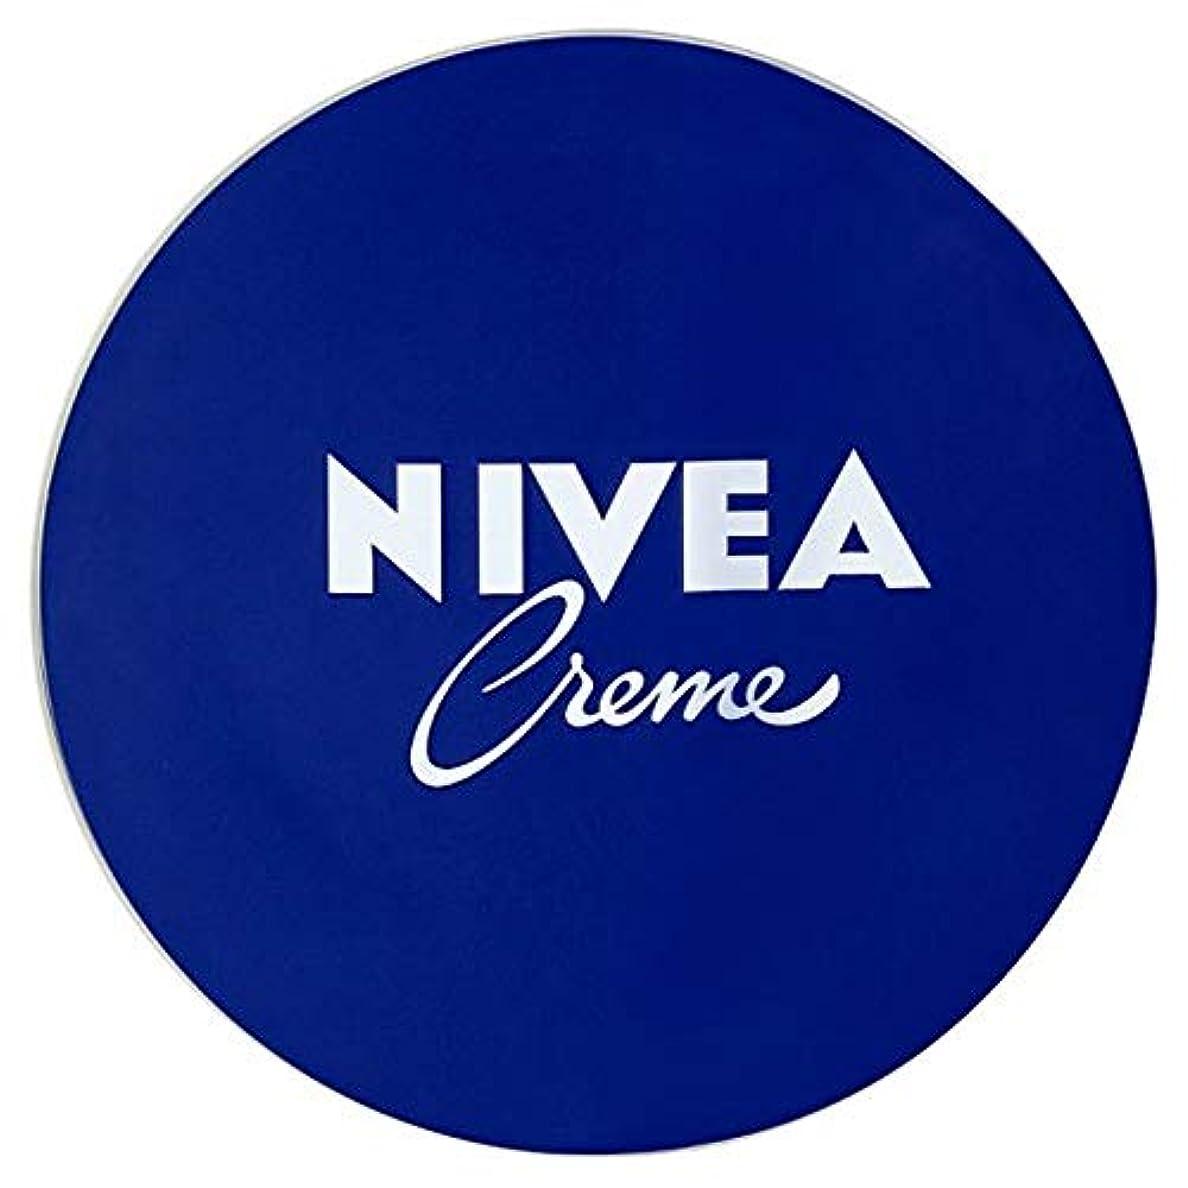 請う角度取り囲む[Nivea] ニベアクリーム400ミリリットル - Nivea Creme 400Ml [並行輸入品]